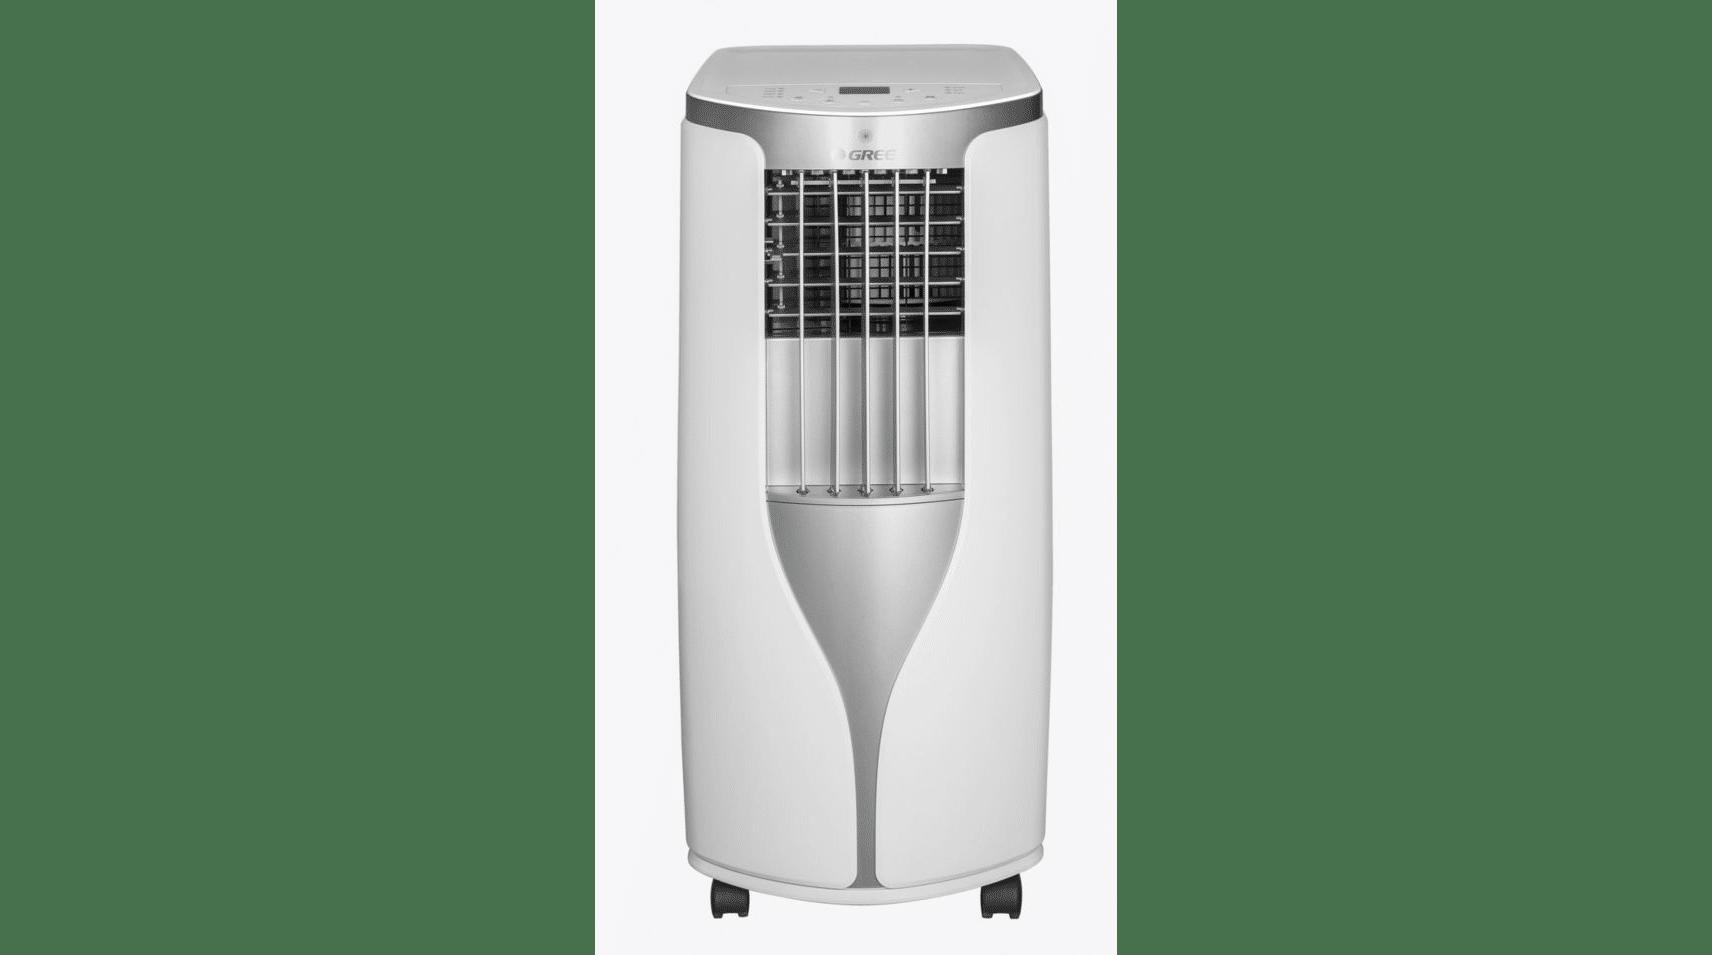 Climatiseur Monobloc Gree SHINY 12 FC R32 réversible